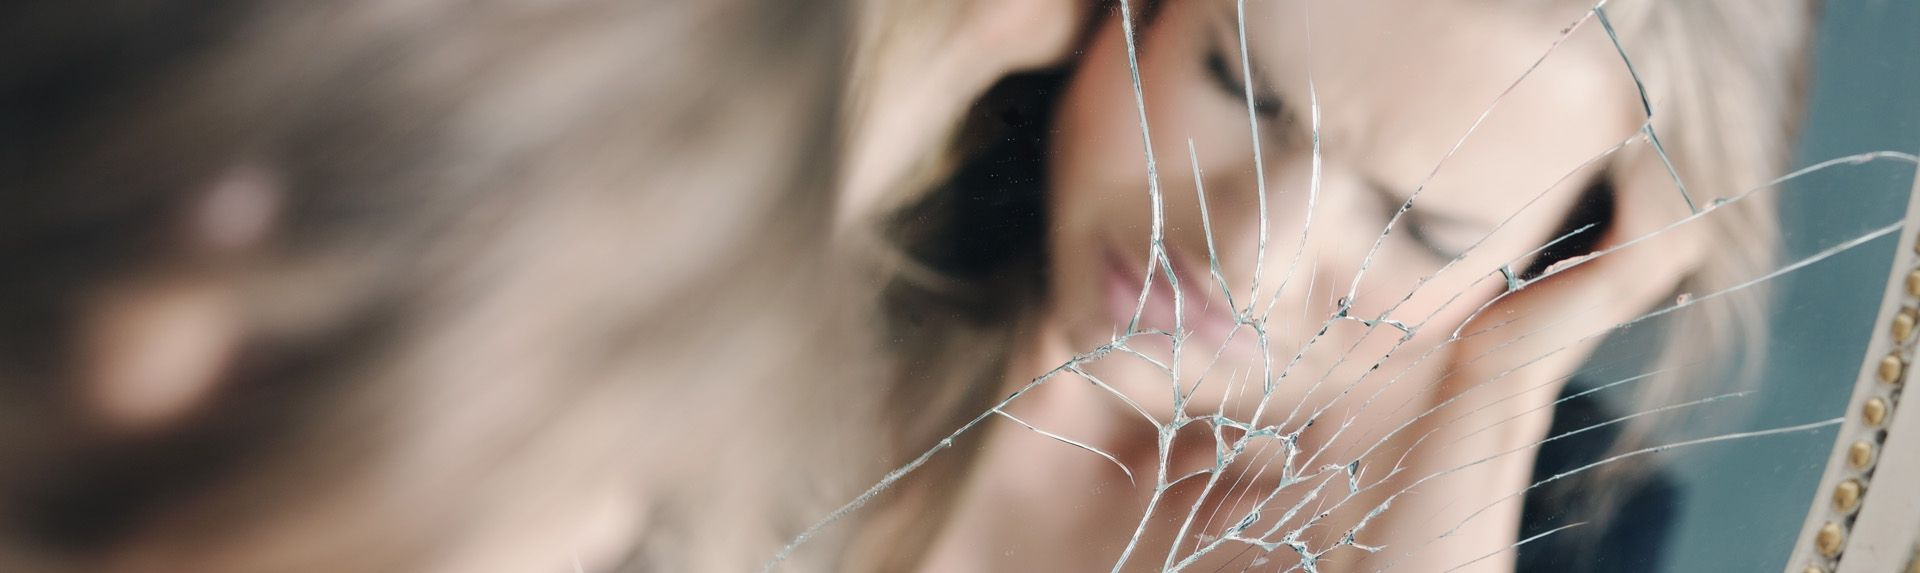 Астеническая депрессия при климаксе: симптомы и лечение